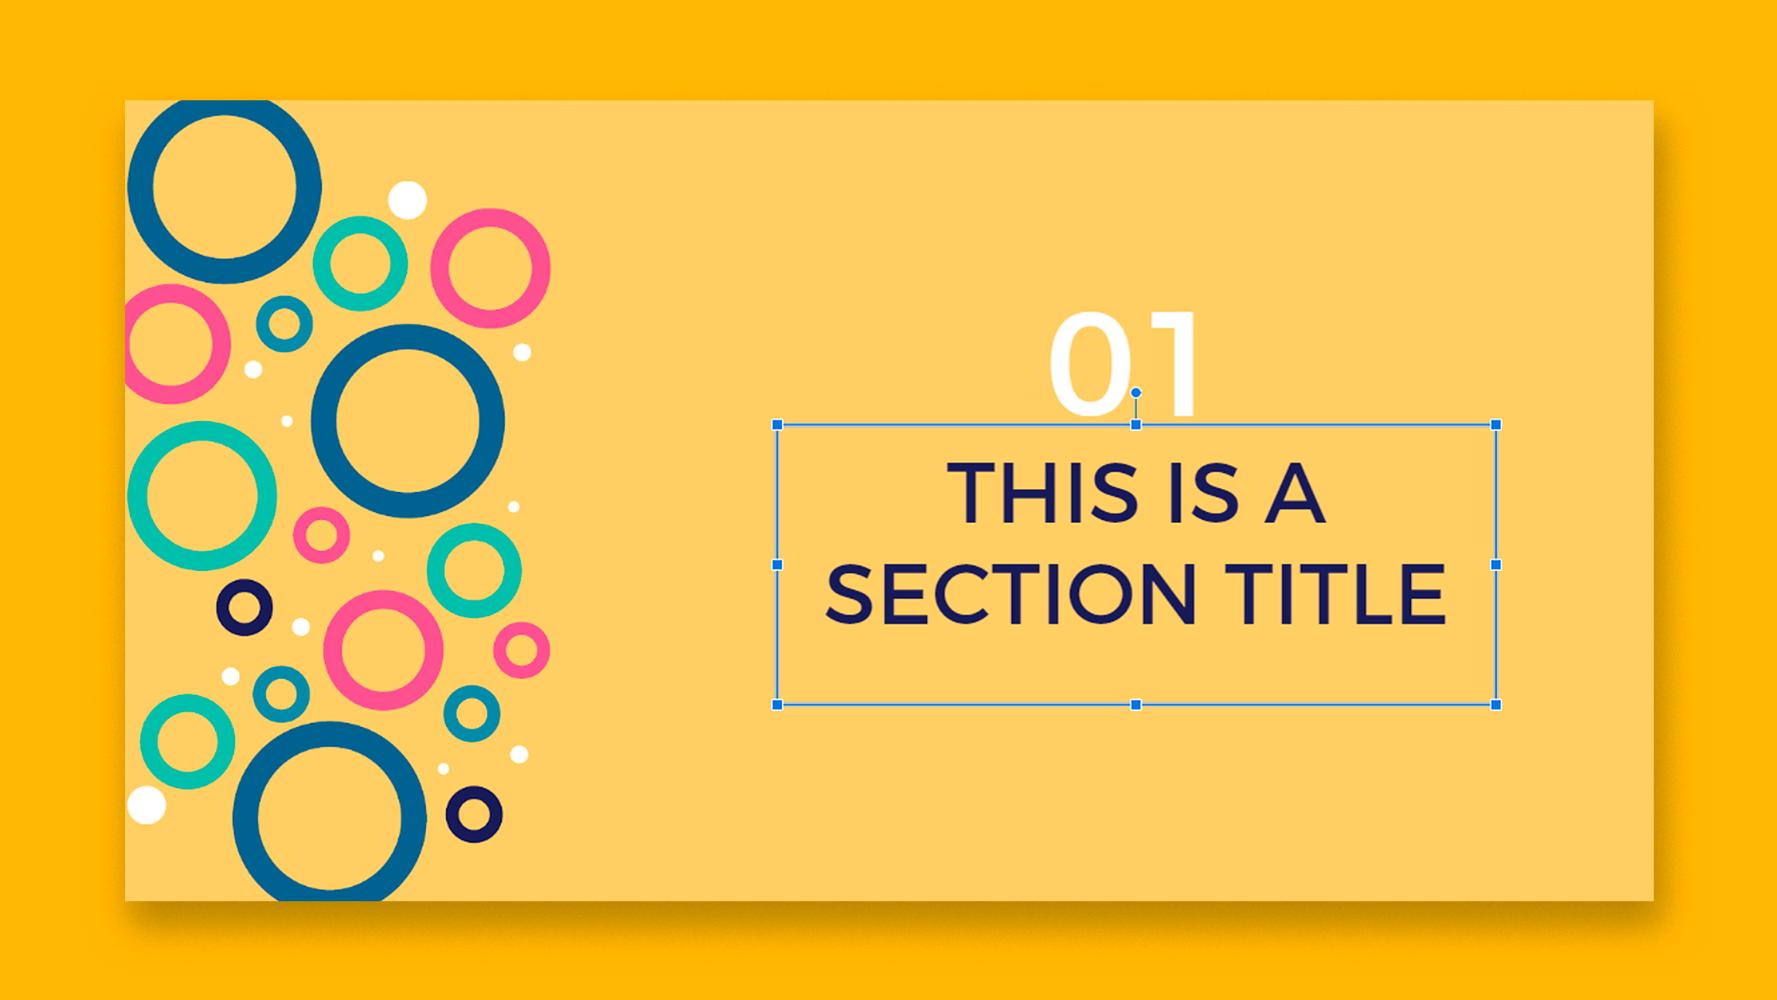 Como adicionar, copiar e excluir caixas de texto no Google Slides | Tutoriais e Dicas de apresentação